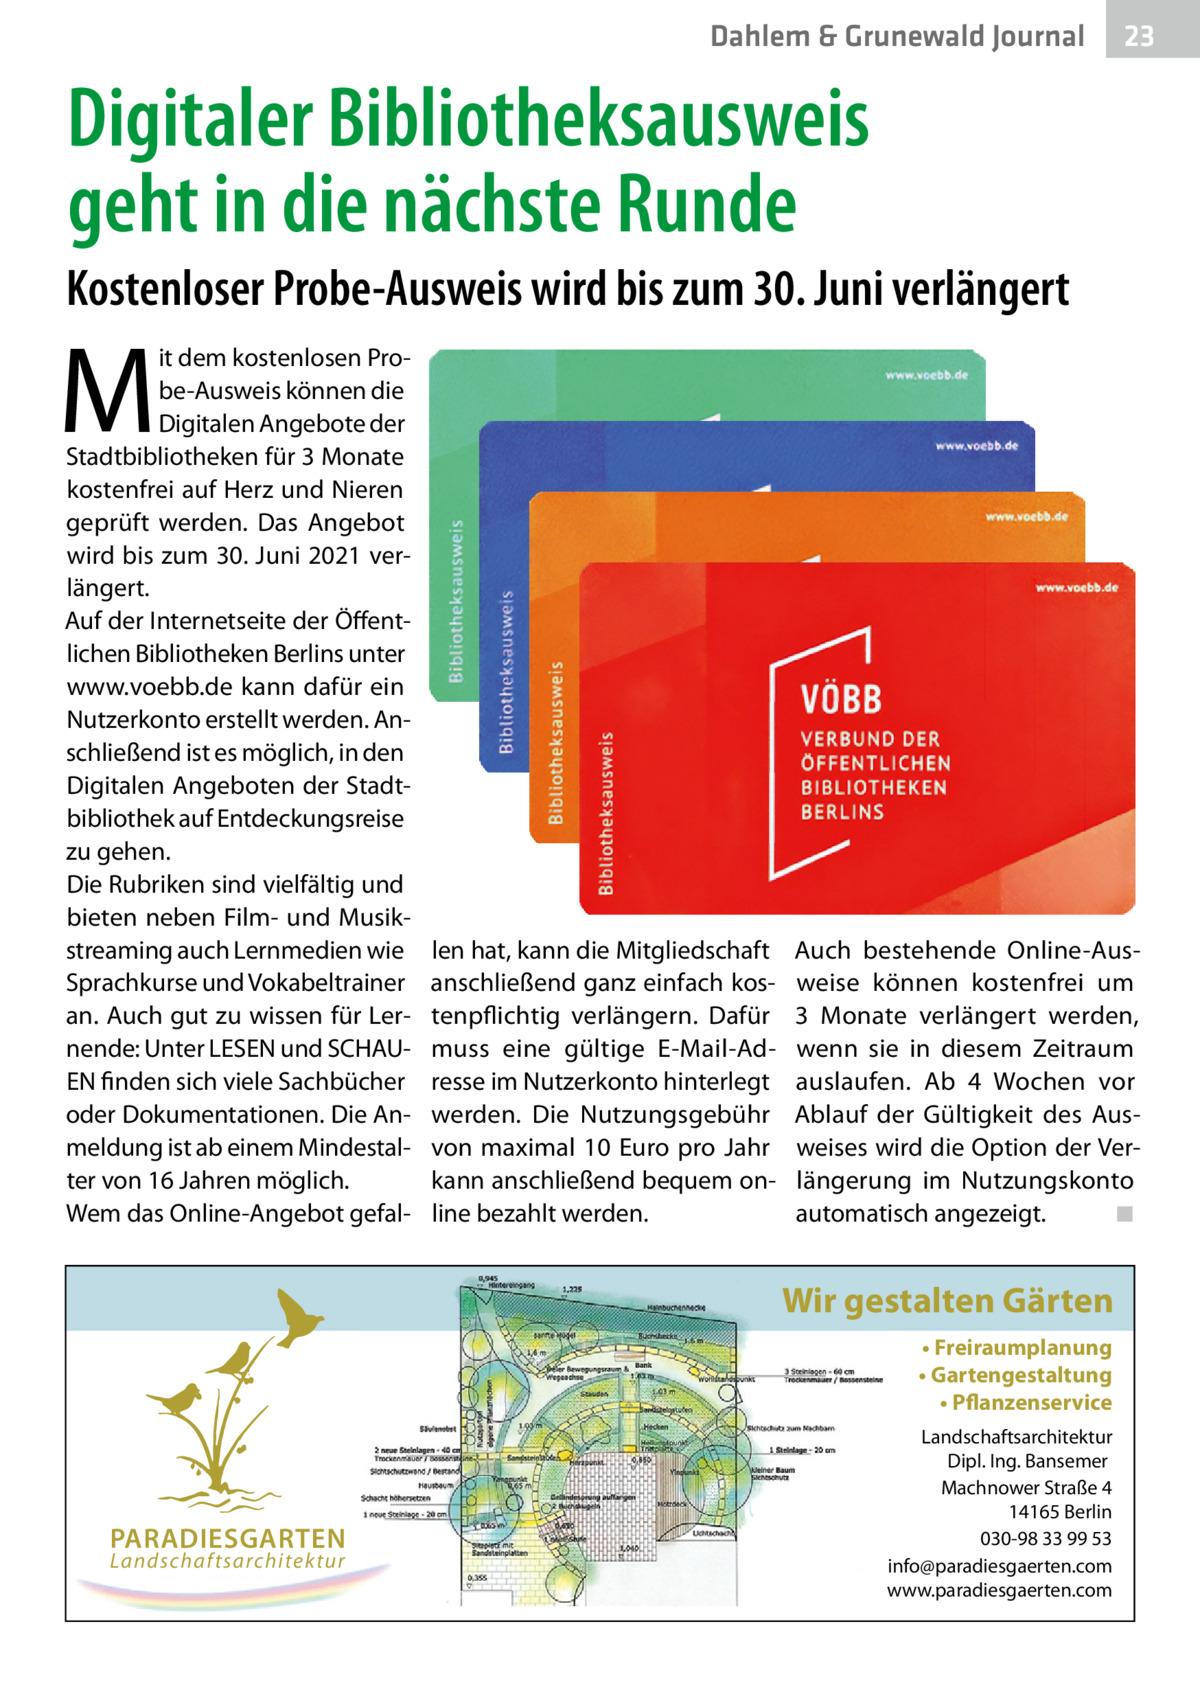 Dahlem & Grunewald Journal  23 23  Digitaler Bibliotheksausweis geht in die nächste Runde Kostenloser Probe-Ausweis wird bis zum 30.Juni verlängert  M  it dem kostenlosen Probe-Ausweis können die Digitalen Angebote der Stadtbibliotheken für 3Monate kostenfrei auf Herz und Nieren geprüft werden. Das Angebot wird bis zum 30.Juni 2021 verlängert. Auf der Internetseite der Öffentlichen Bibliotheken Berlins unter www.voebb.de kann dafür ein Nutzerkonto erstellt werden. Anschließend ist es möglich, in den Digitalen Angeboten der Stadtbibliothek auf Entdeckungsreise zu gehen. Die Rubriken sind vielfältig und bieten neben Film- und Musikstreaming auch Lernmedien wie Sprachkurse und Vokabeltrainer an. Auch gut zu wissen für Lernende: Unter LESEN und SCHAUEN finden sich viele Sachbücher oder Dokumentationen. Die Anmeldung ist ab einem Mindestalter von 16Jahren möglich. Wem das Online-Angebot gefal len hat, kann die Mitgliedschaft anschließend ganz einfach kostenpflichtig verlängern. Dafür muss eine gültige E-Mail-Adresse im Nutzerkonto hinterlegt werden. Die Nutzungsgebühr von maximal 10 Euro pro Jahr kann anschließend bequem online bezahlt werden.  Auch bestehende Online-Ausweise können kostenfrei um 3 Monate verlängert werden, wenn sie in diesem Zeitraum auslaufen. Ab 4 Wochen vor Ablauf der Gültigkeit des Ausweises wird die Option der Verlängerung im Nutzungskonto automatisch angezeigt. ◾  Wir gestalten Gärten • Freiraumplanung • Gartengestaltung • Pflanzenservice  PARADIESGARTEN Landschaftsarchitektur  Landschaftsarchitektur Dipl. Ing. Bansemer Machnower Straße 4 14165 Berlin 030-98 33 99 53 info@paradiesgaerten.com www.paradiesgaerten.com